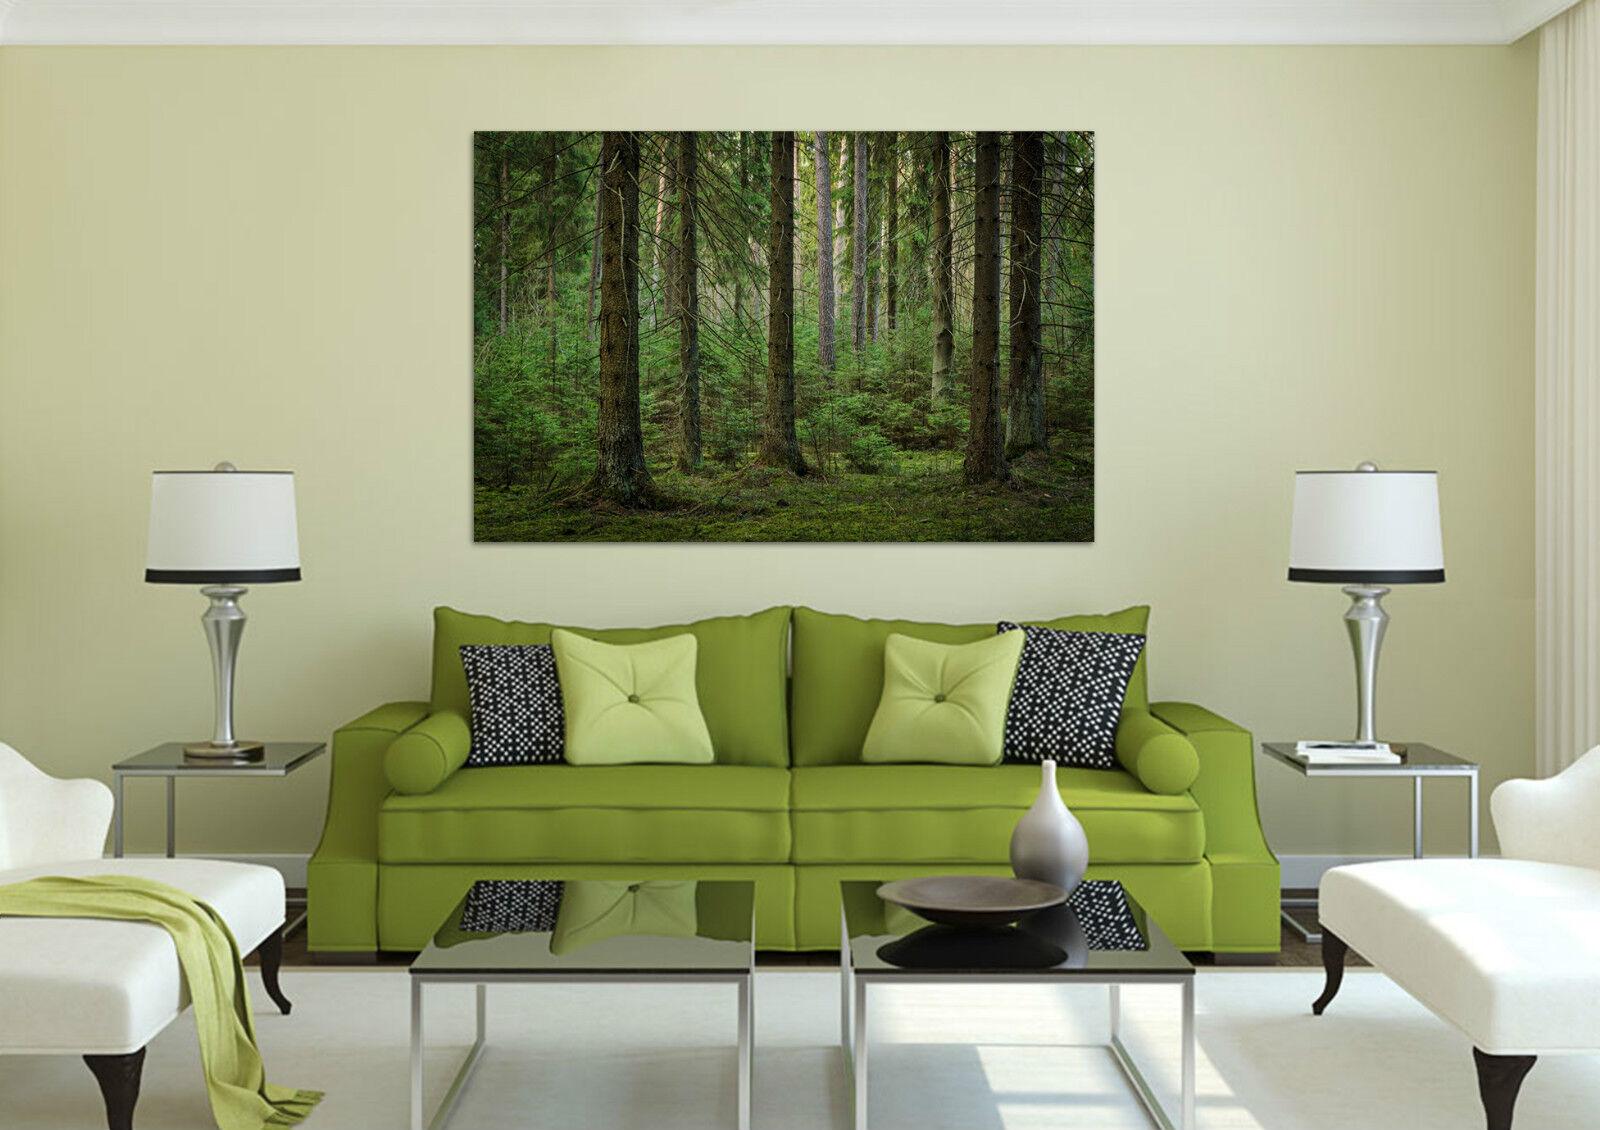 3D Das grün der Wälder 465 Fototapeten Wandbild BildTapete AJSTORE DE Lemon